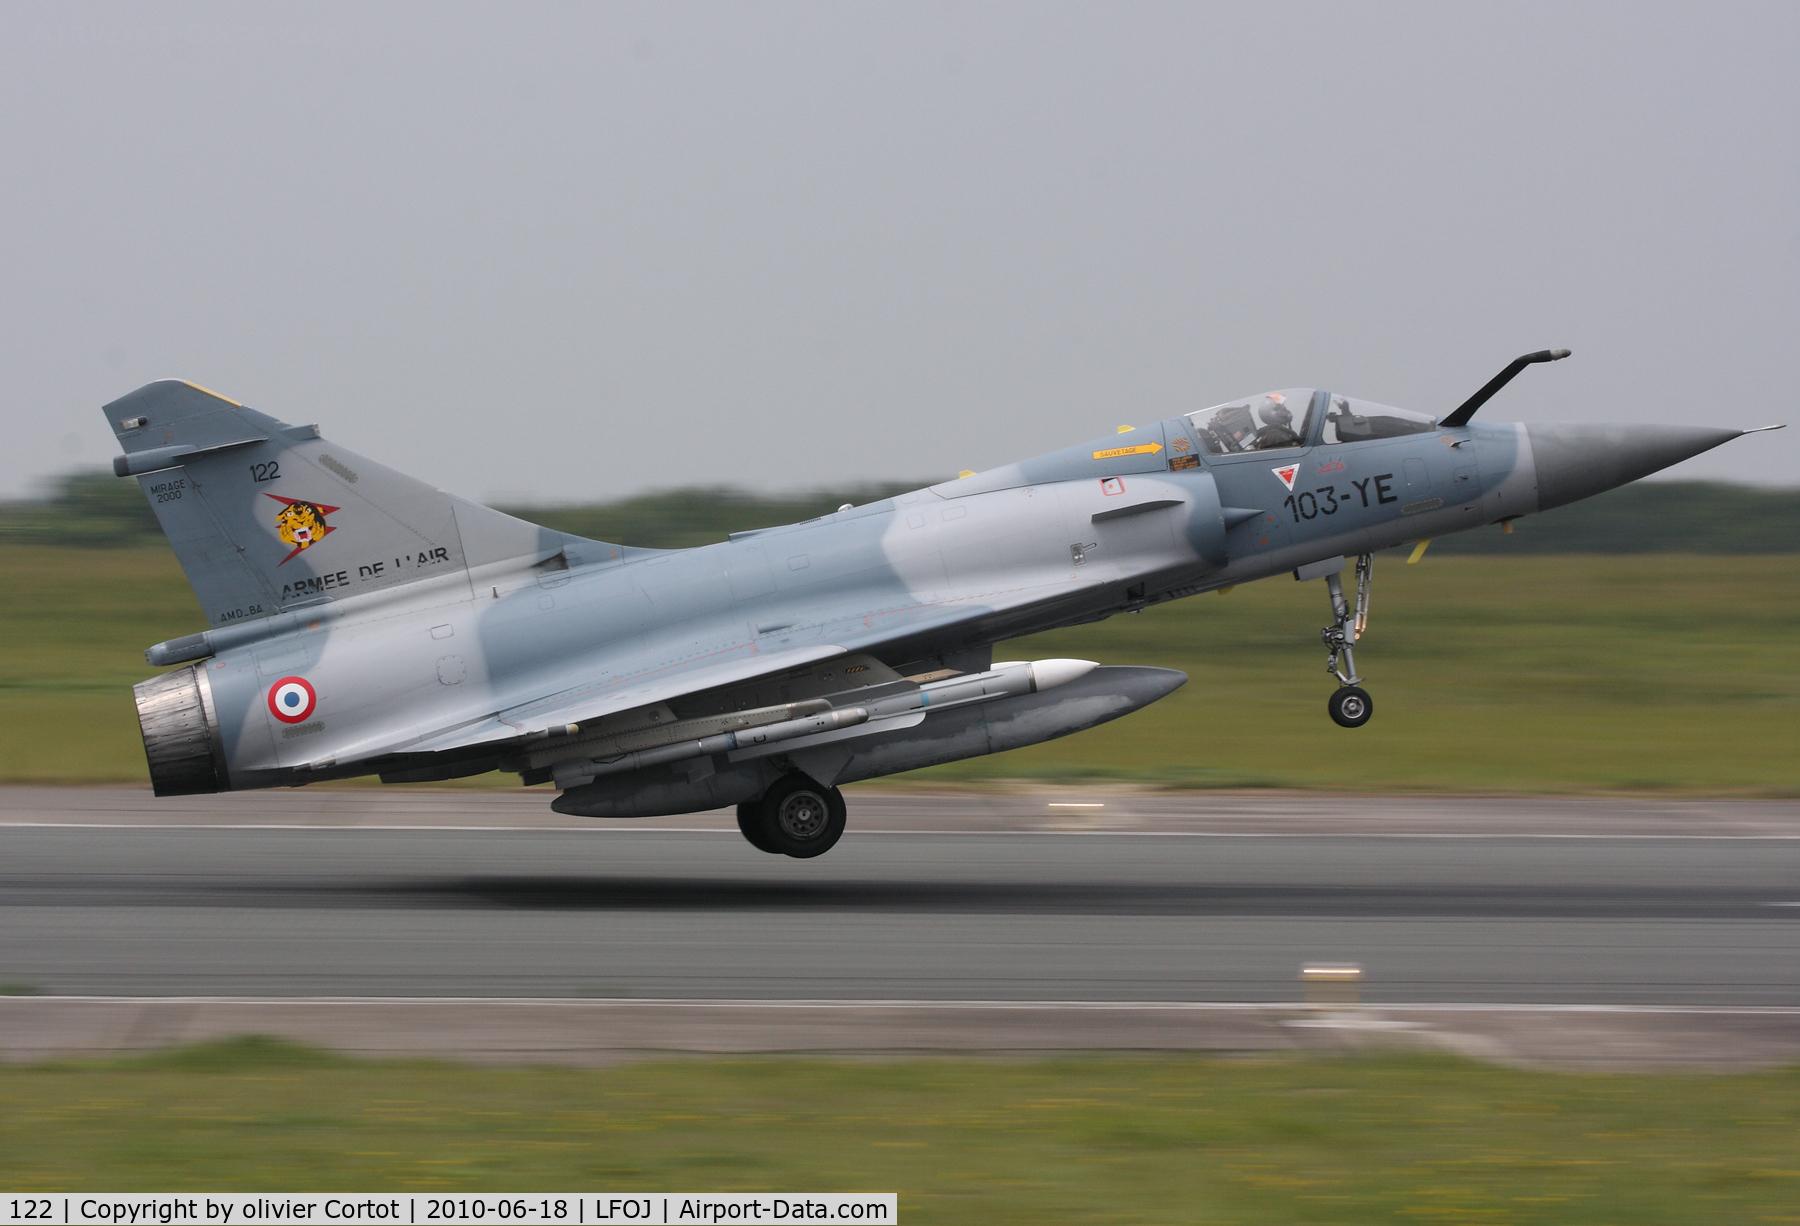 122, Dassault Mirage 2000C C/N 405, Landing at Orleans AB